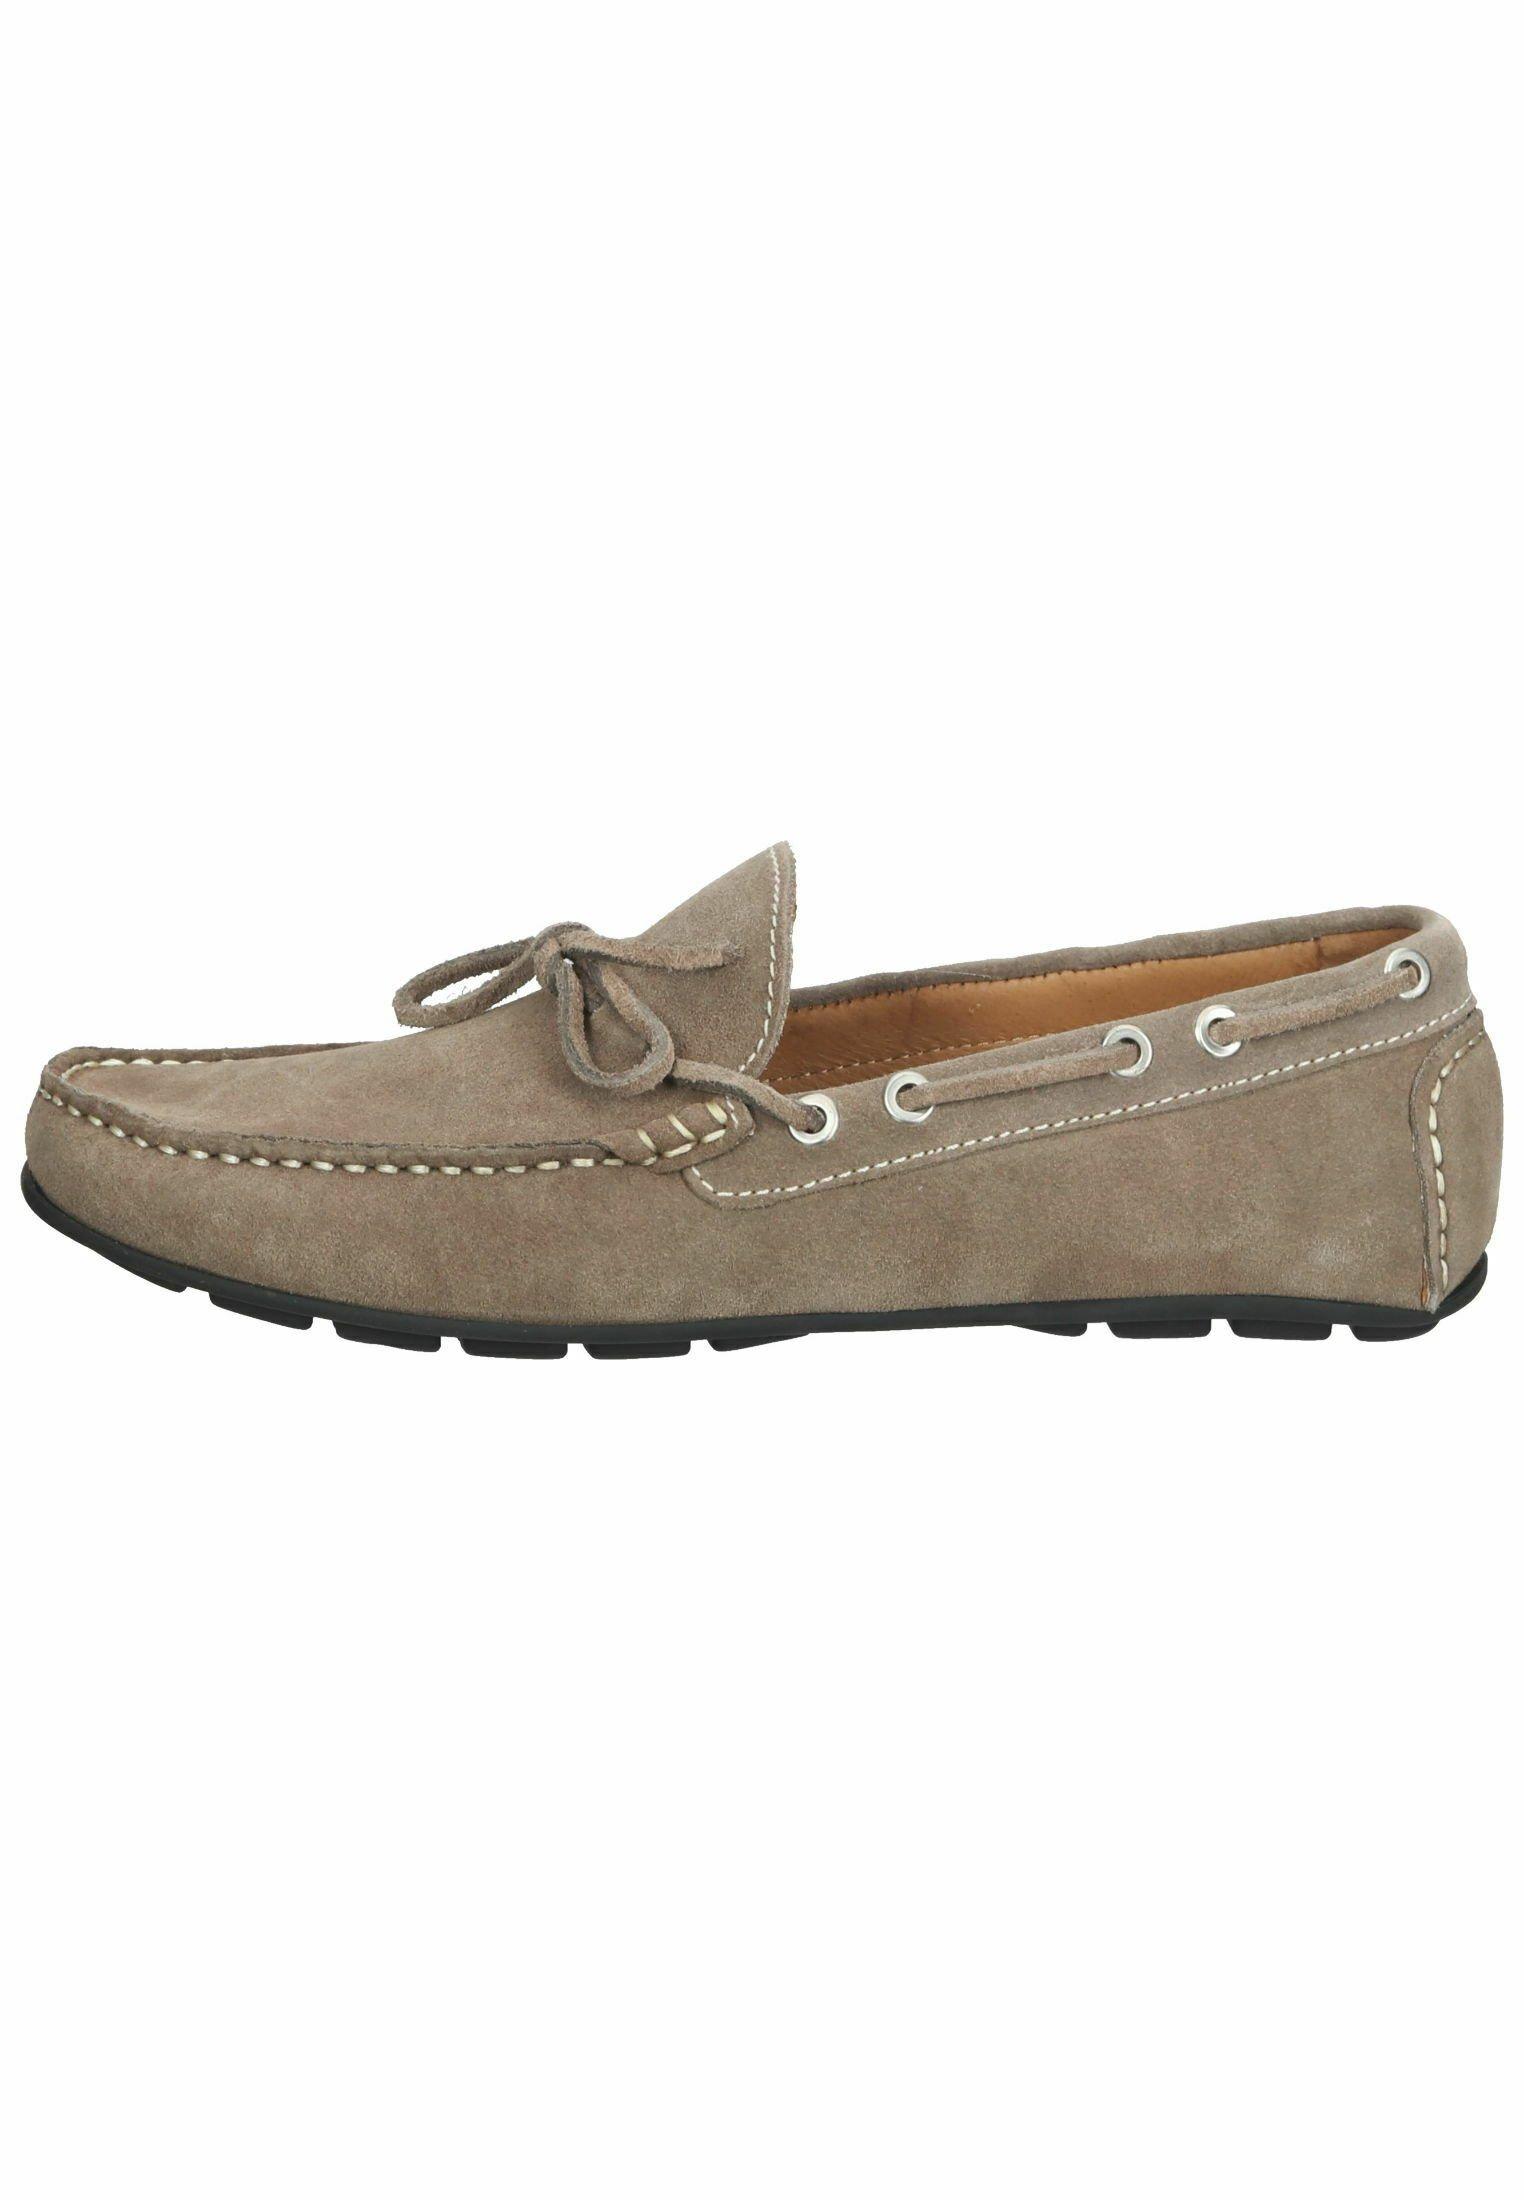 Homme Chaussures bateau - taubengrau/braun